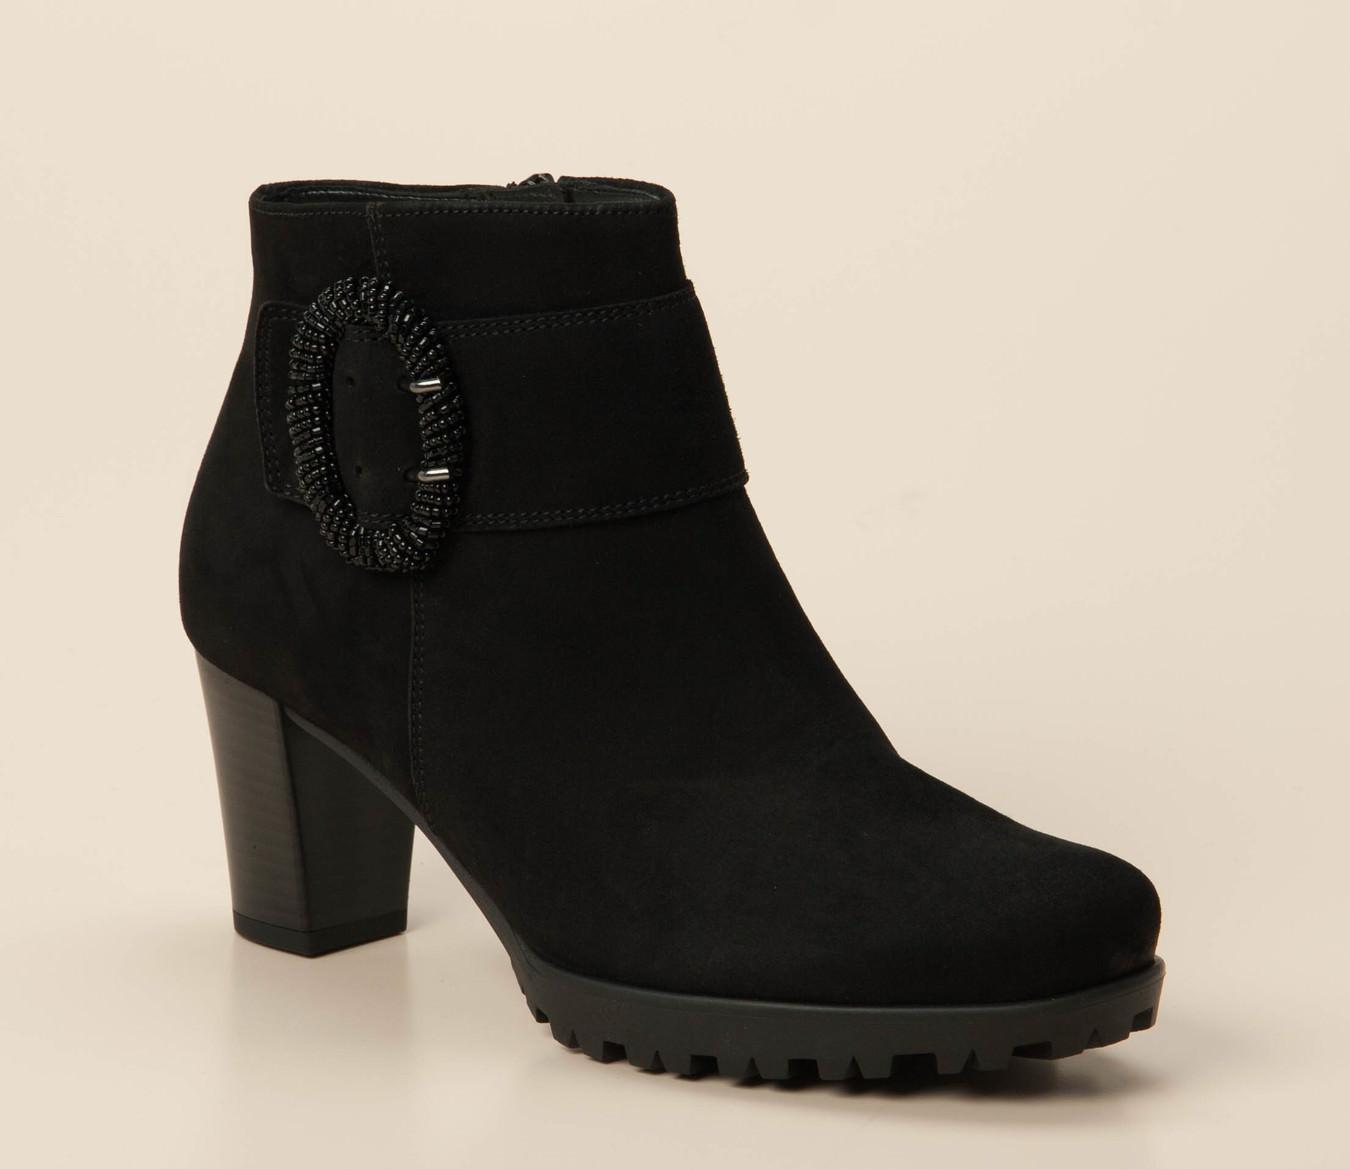 Gabor Stiefel und Stiefeletten für Damen günstig kaufen | eBay